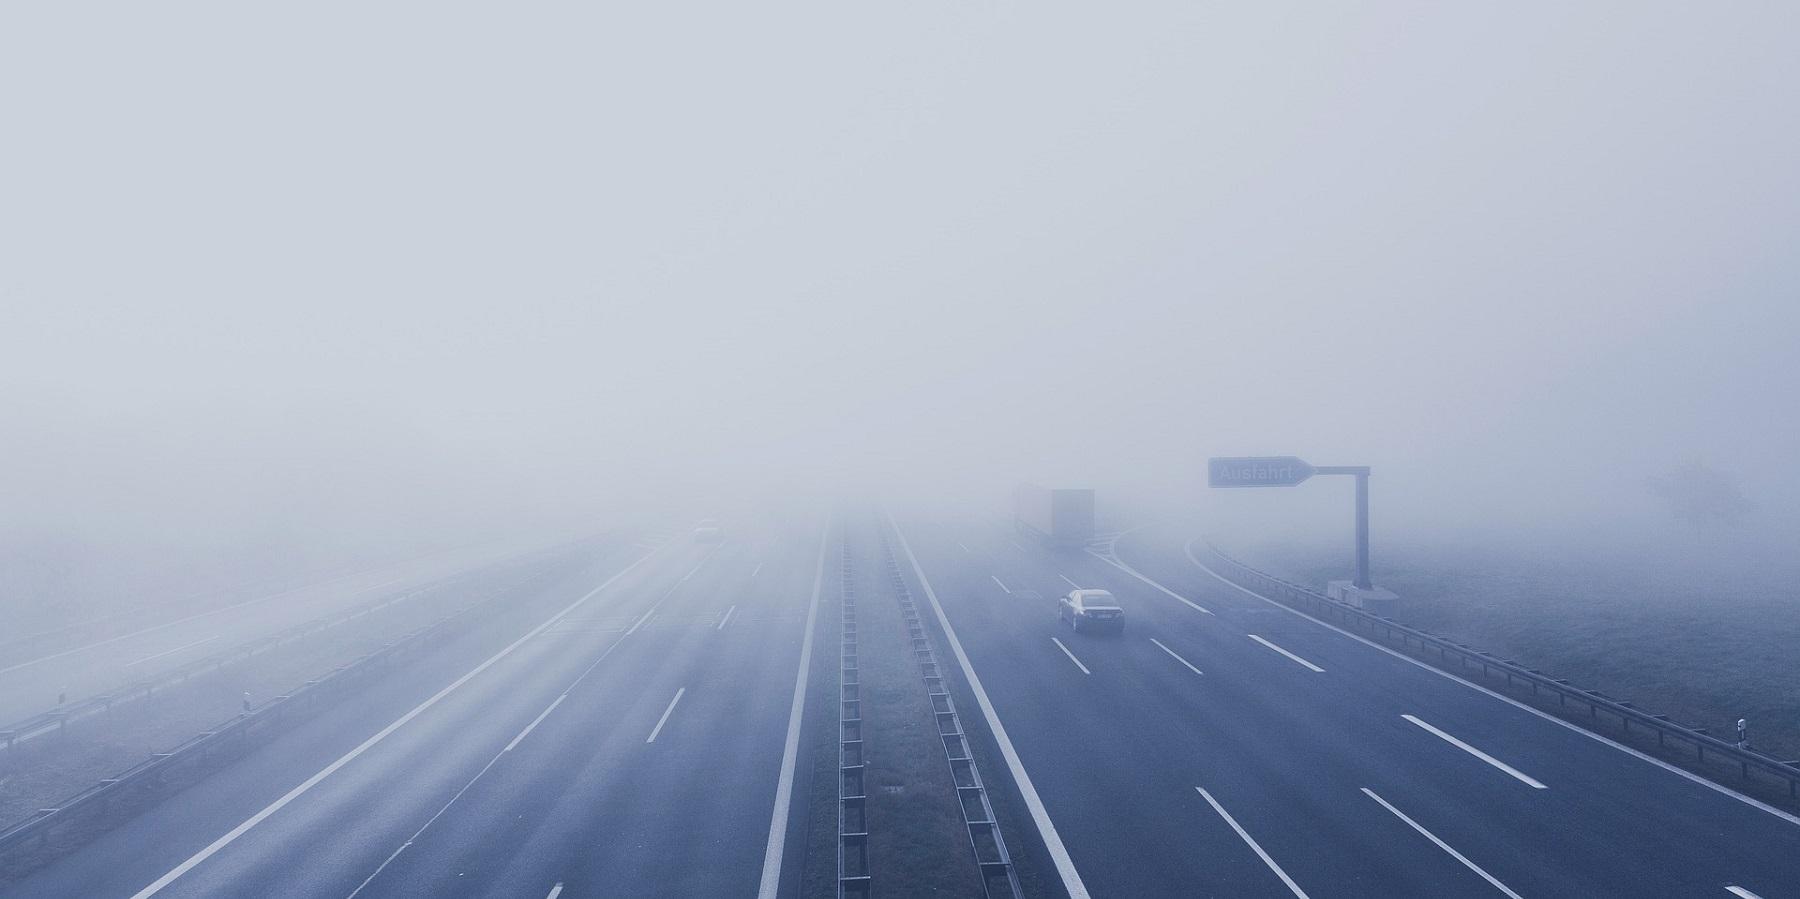 Nebel, Verkehr Sicherheit, Versicherung